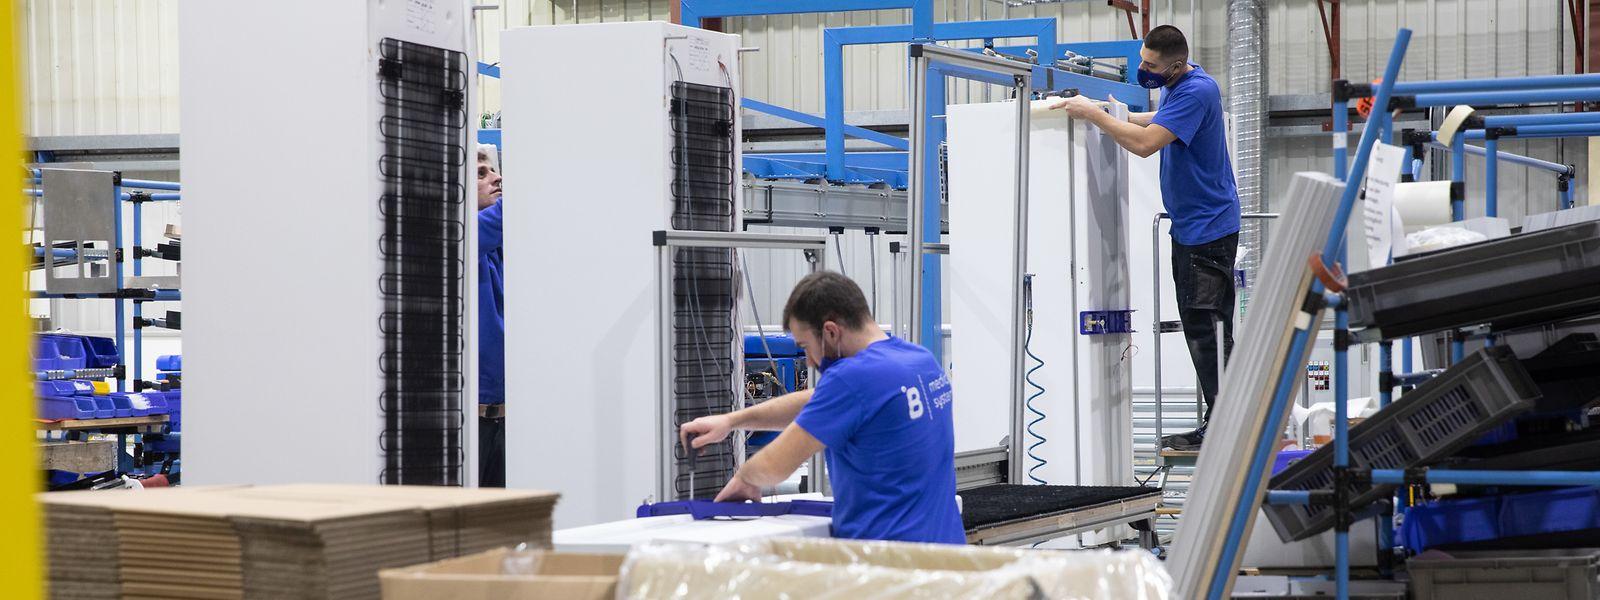 La firme a multiplié les embauches ces dernières semaines pour répondre à la demande mondiale.